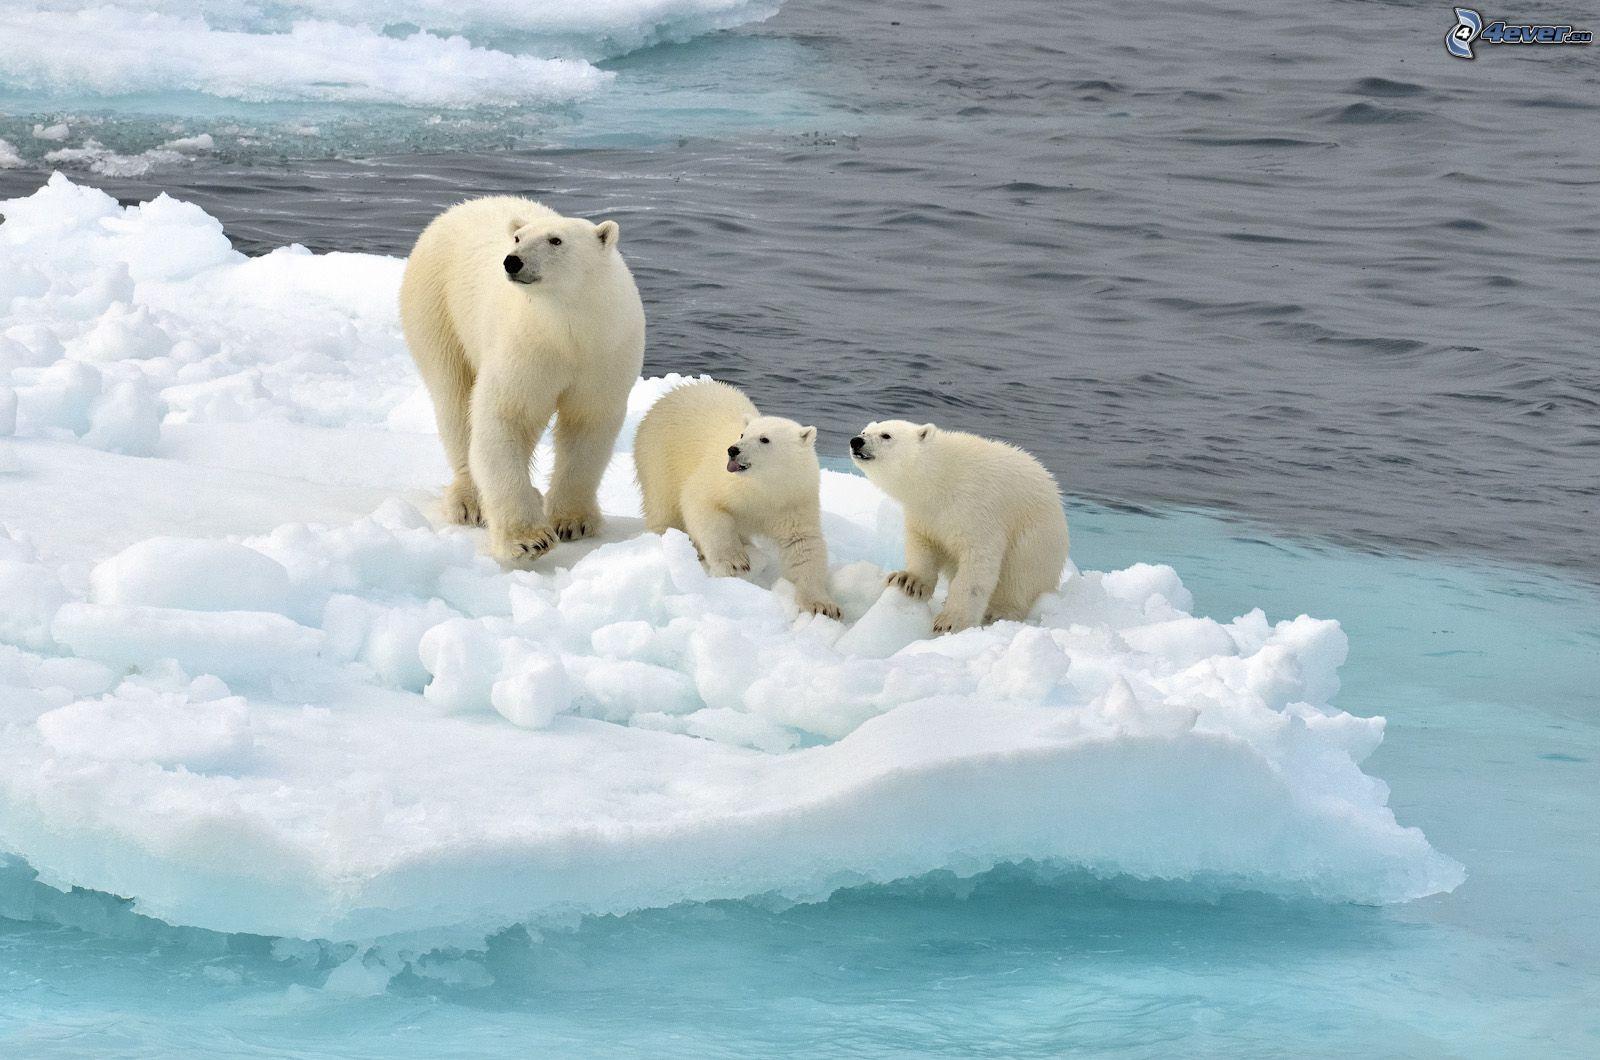 Para 2050 habrá menos hielo en el océano Ártico